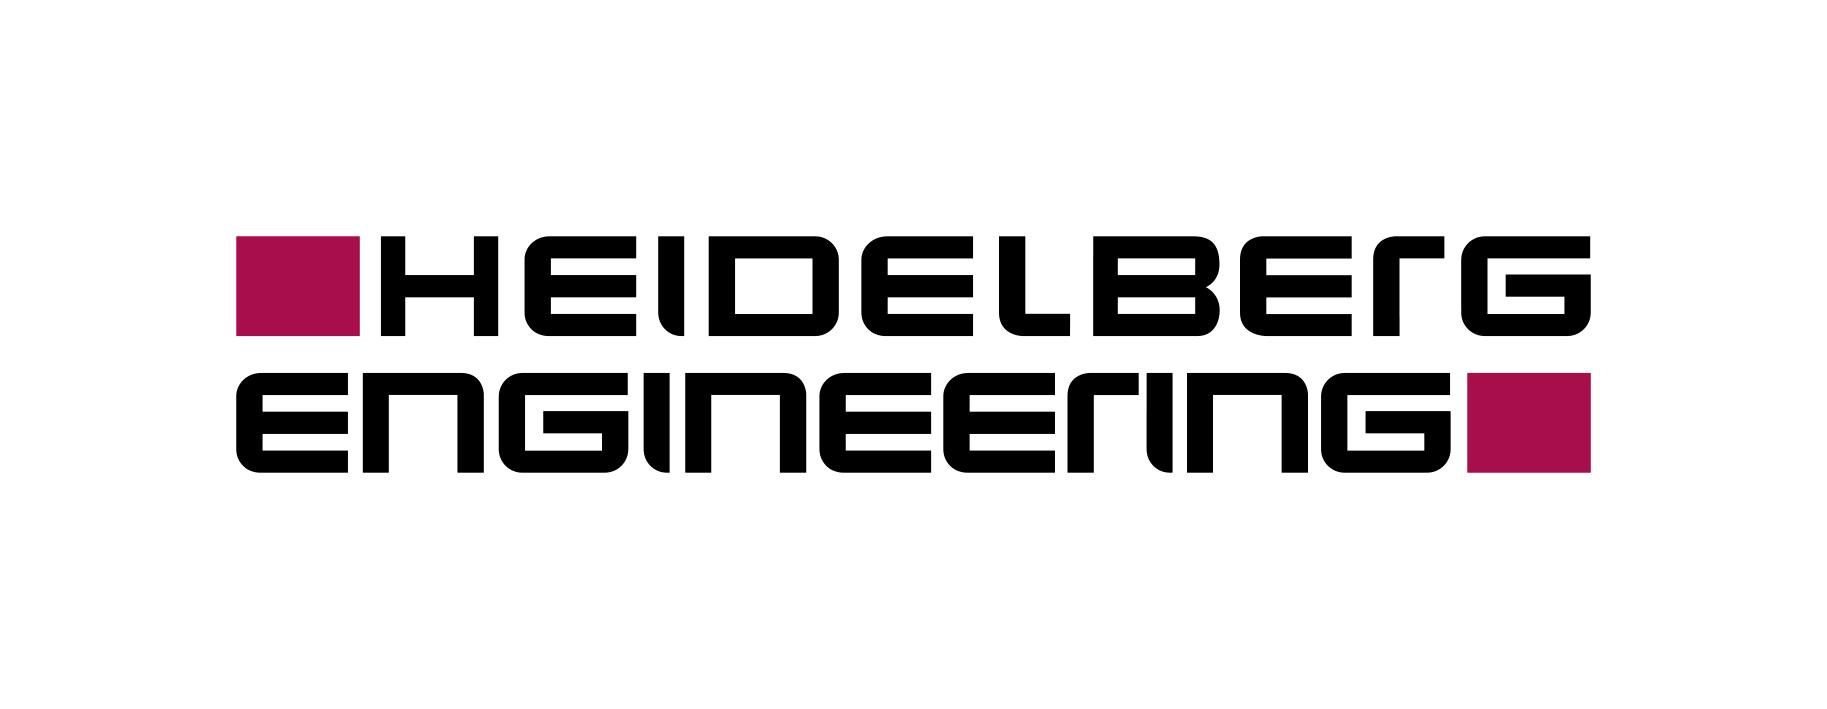 HeidelbergEngineering_CMYK_WhiteBG_300dpi_155x60mm